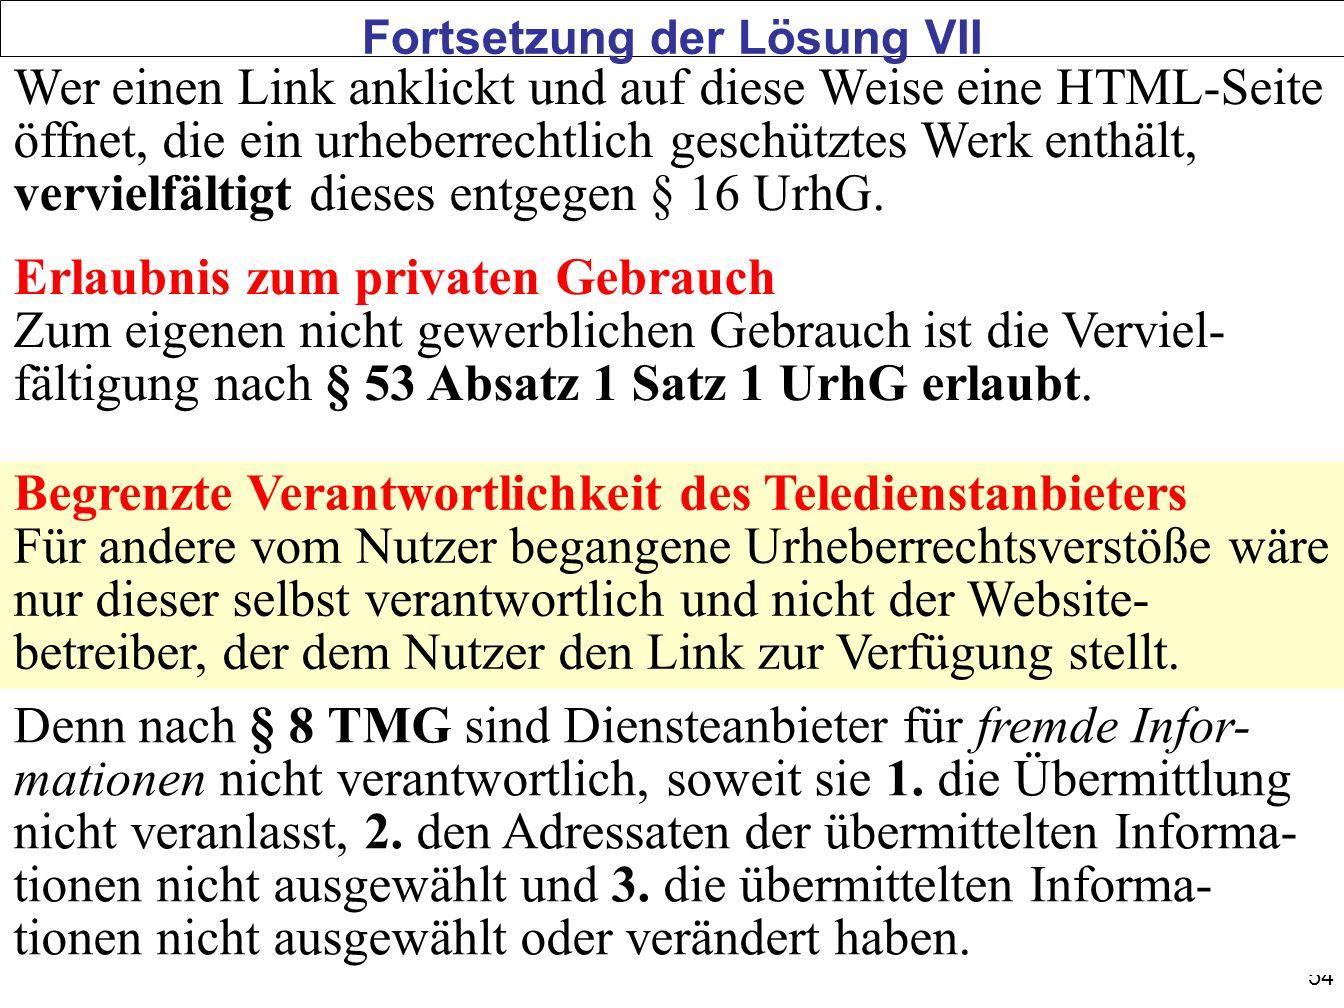 54 Wer einen Link anklickt und auf diese Weise eine HTML-Seite öffnet, die ein urheberrechtlich geschütztes Werk enthält, vervielfältigt dieses entgeg